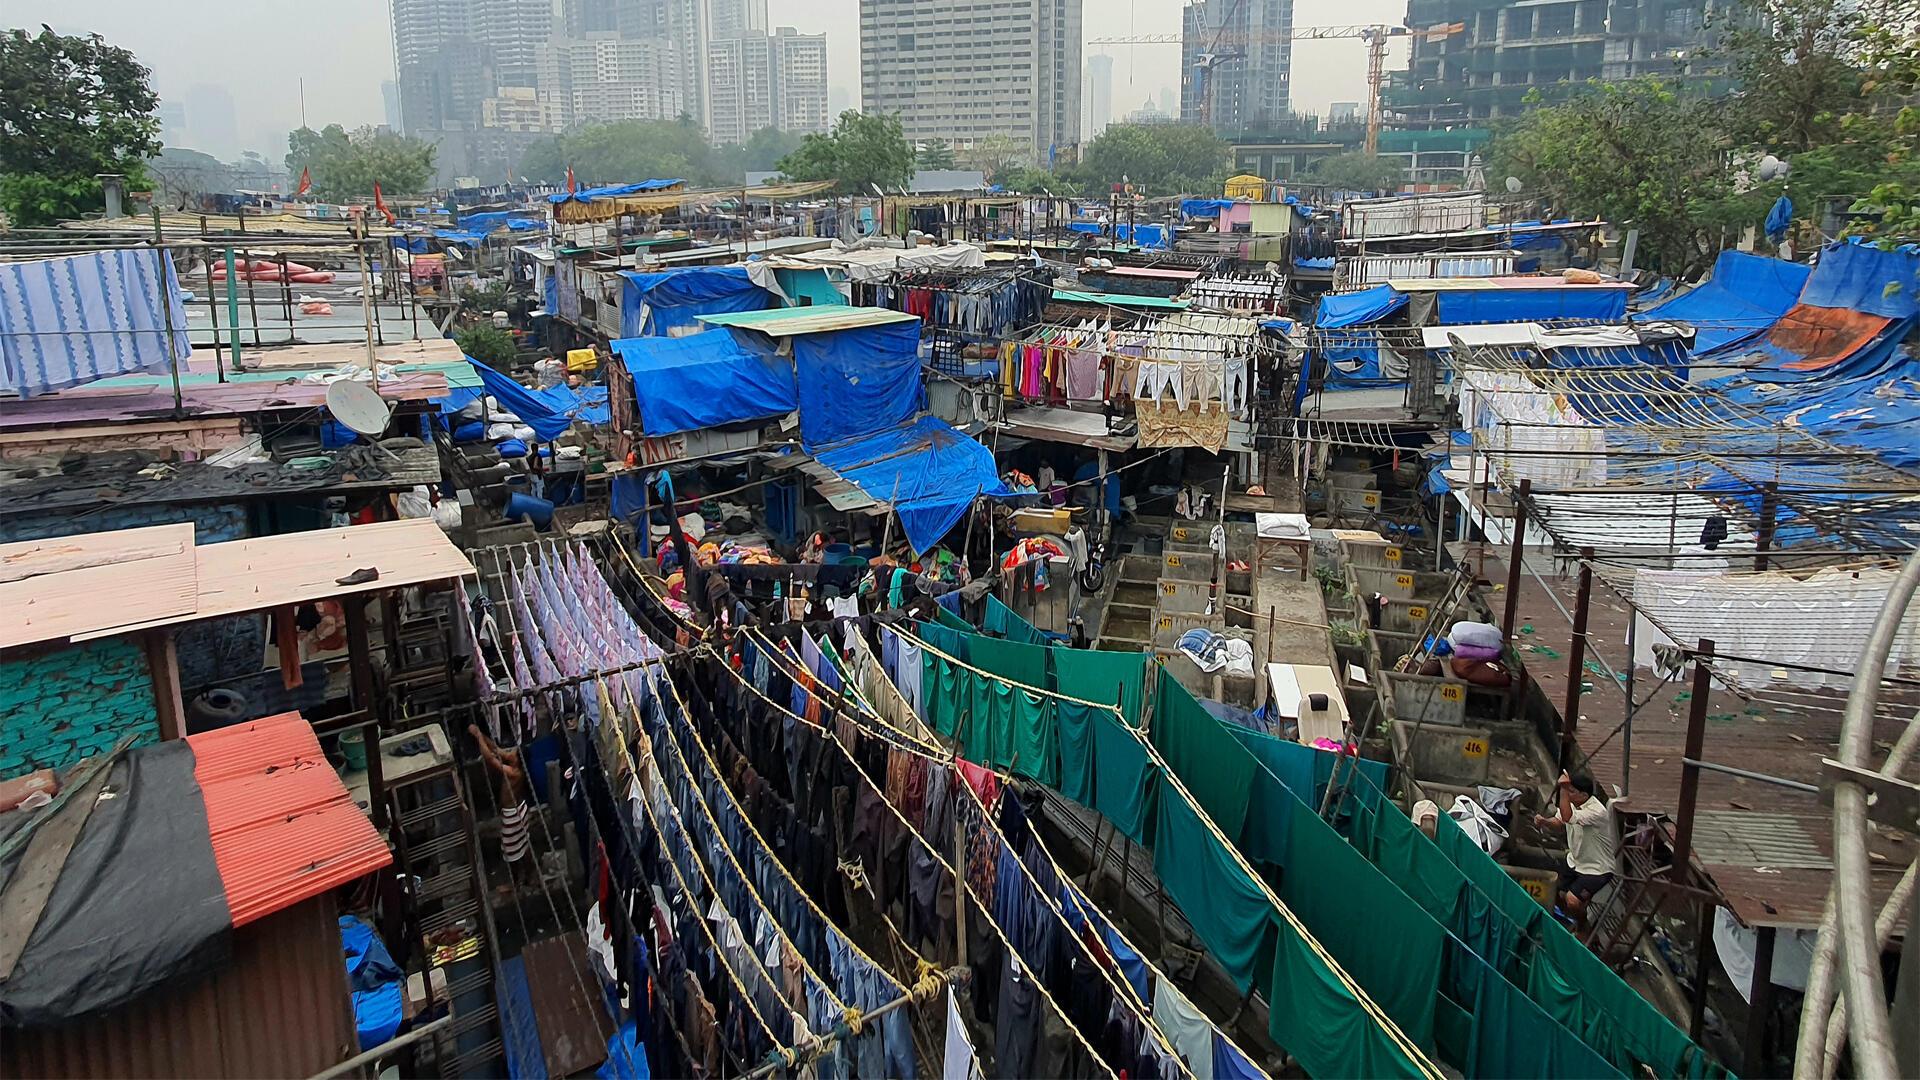 Inde - Bombay - La grande laverie - Si loin si proche